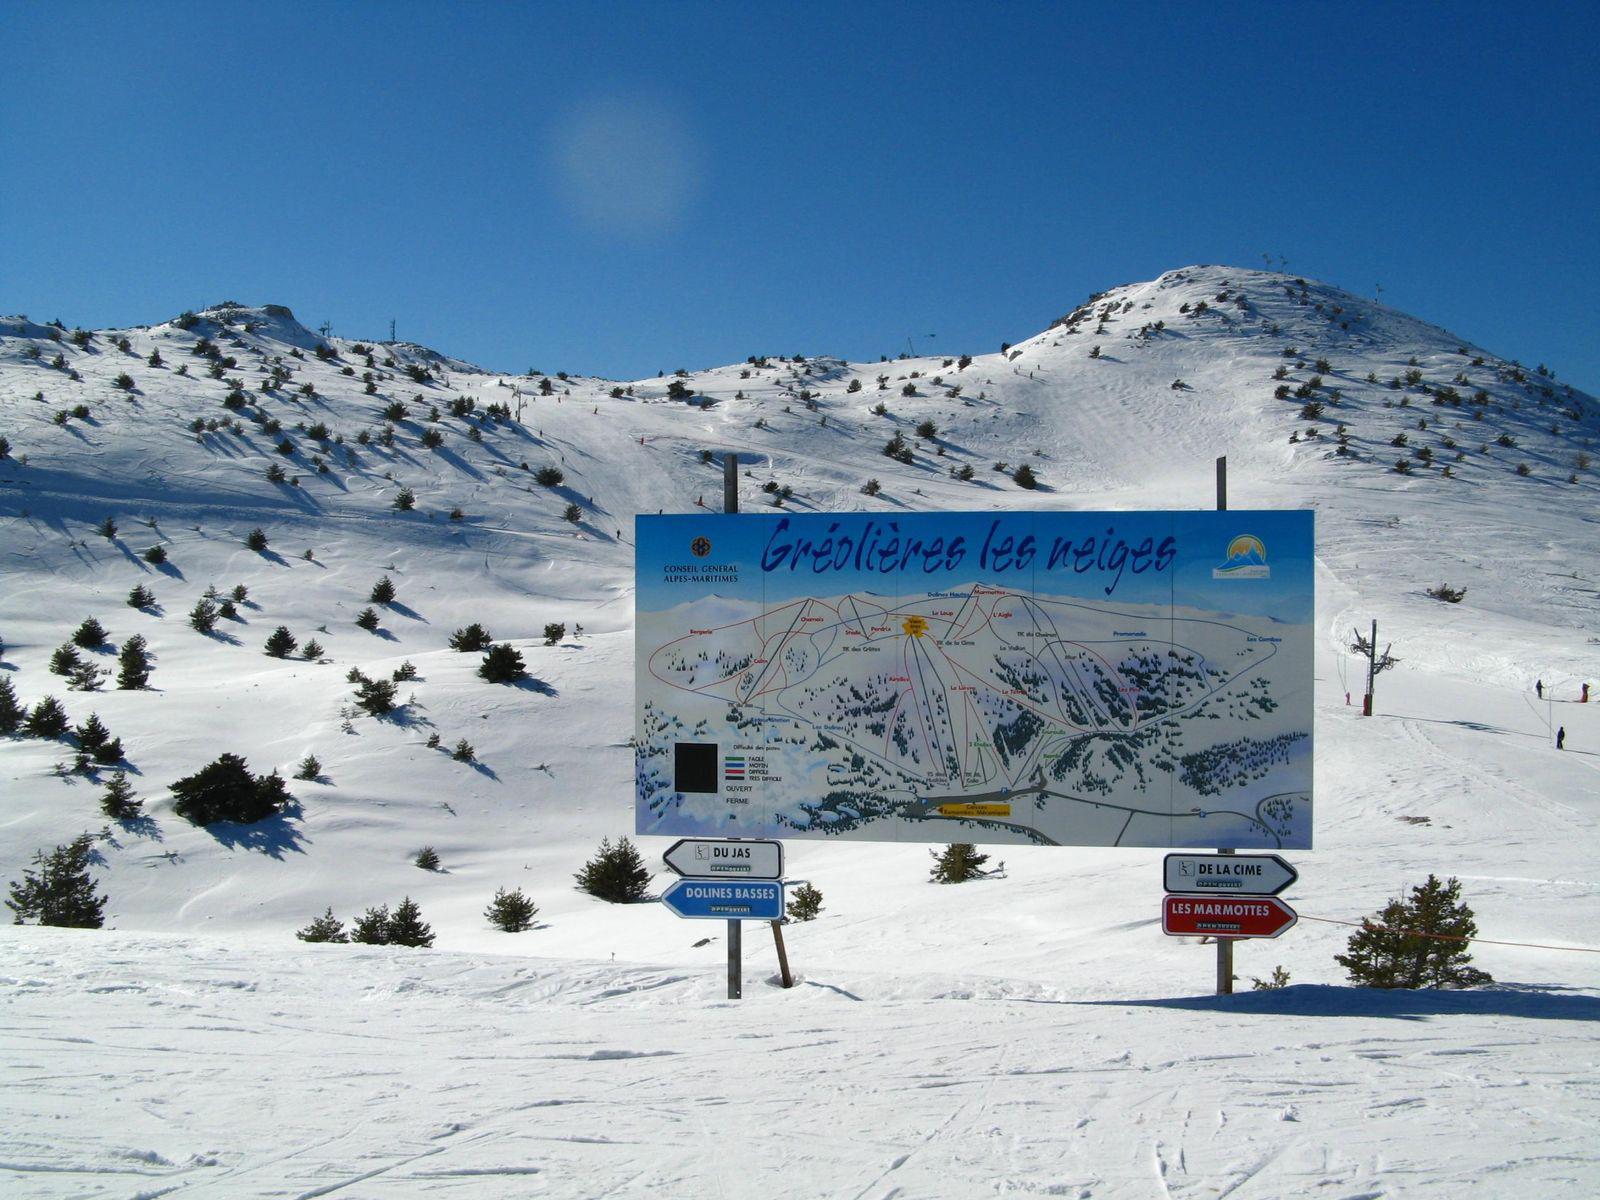 Station de ski de Gréolières les Neiges_Gréolières